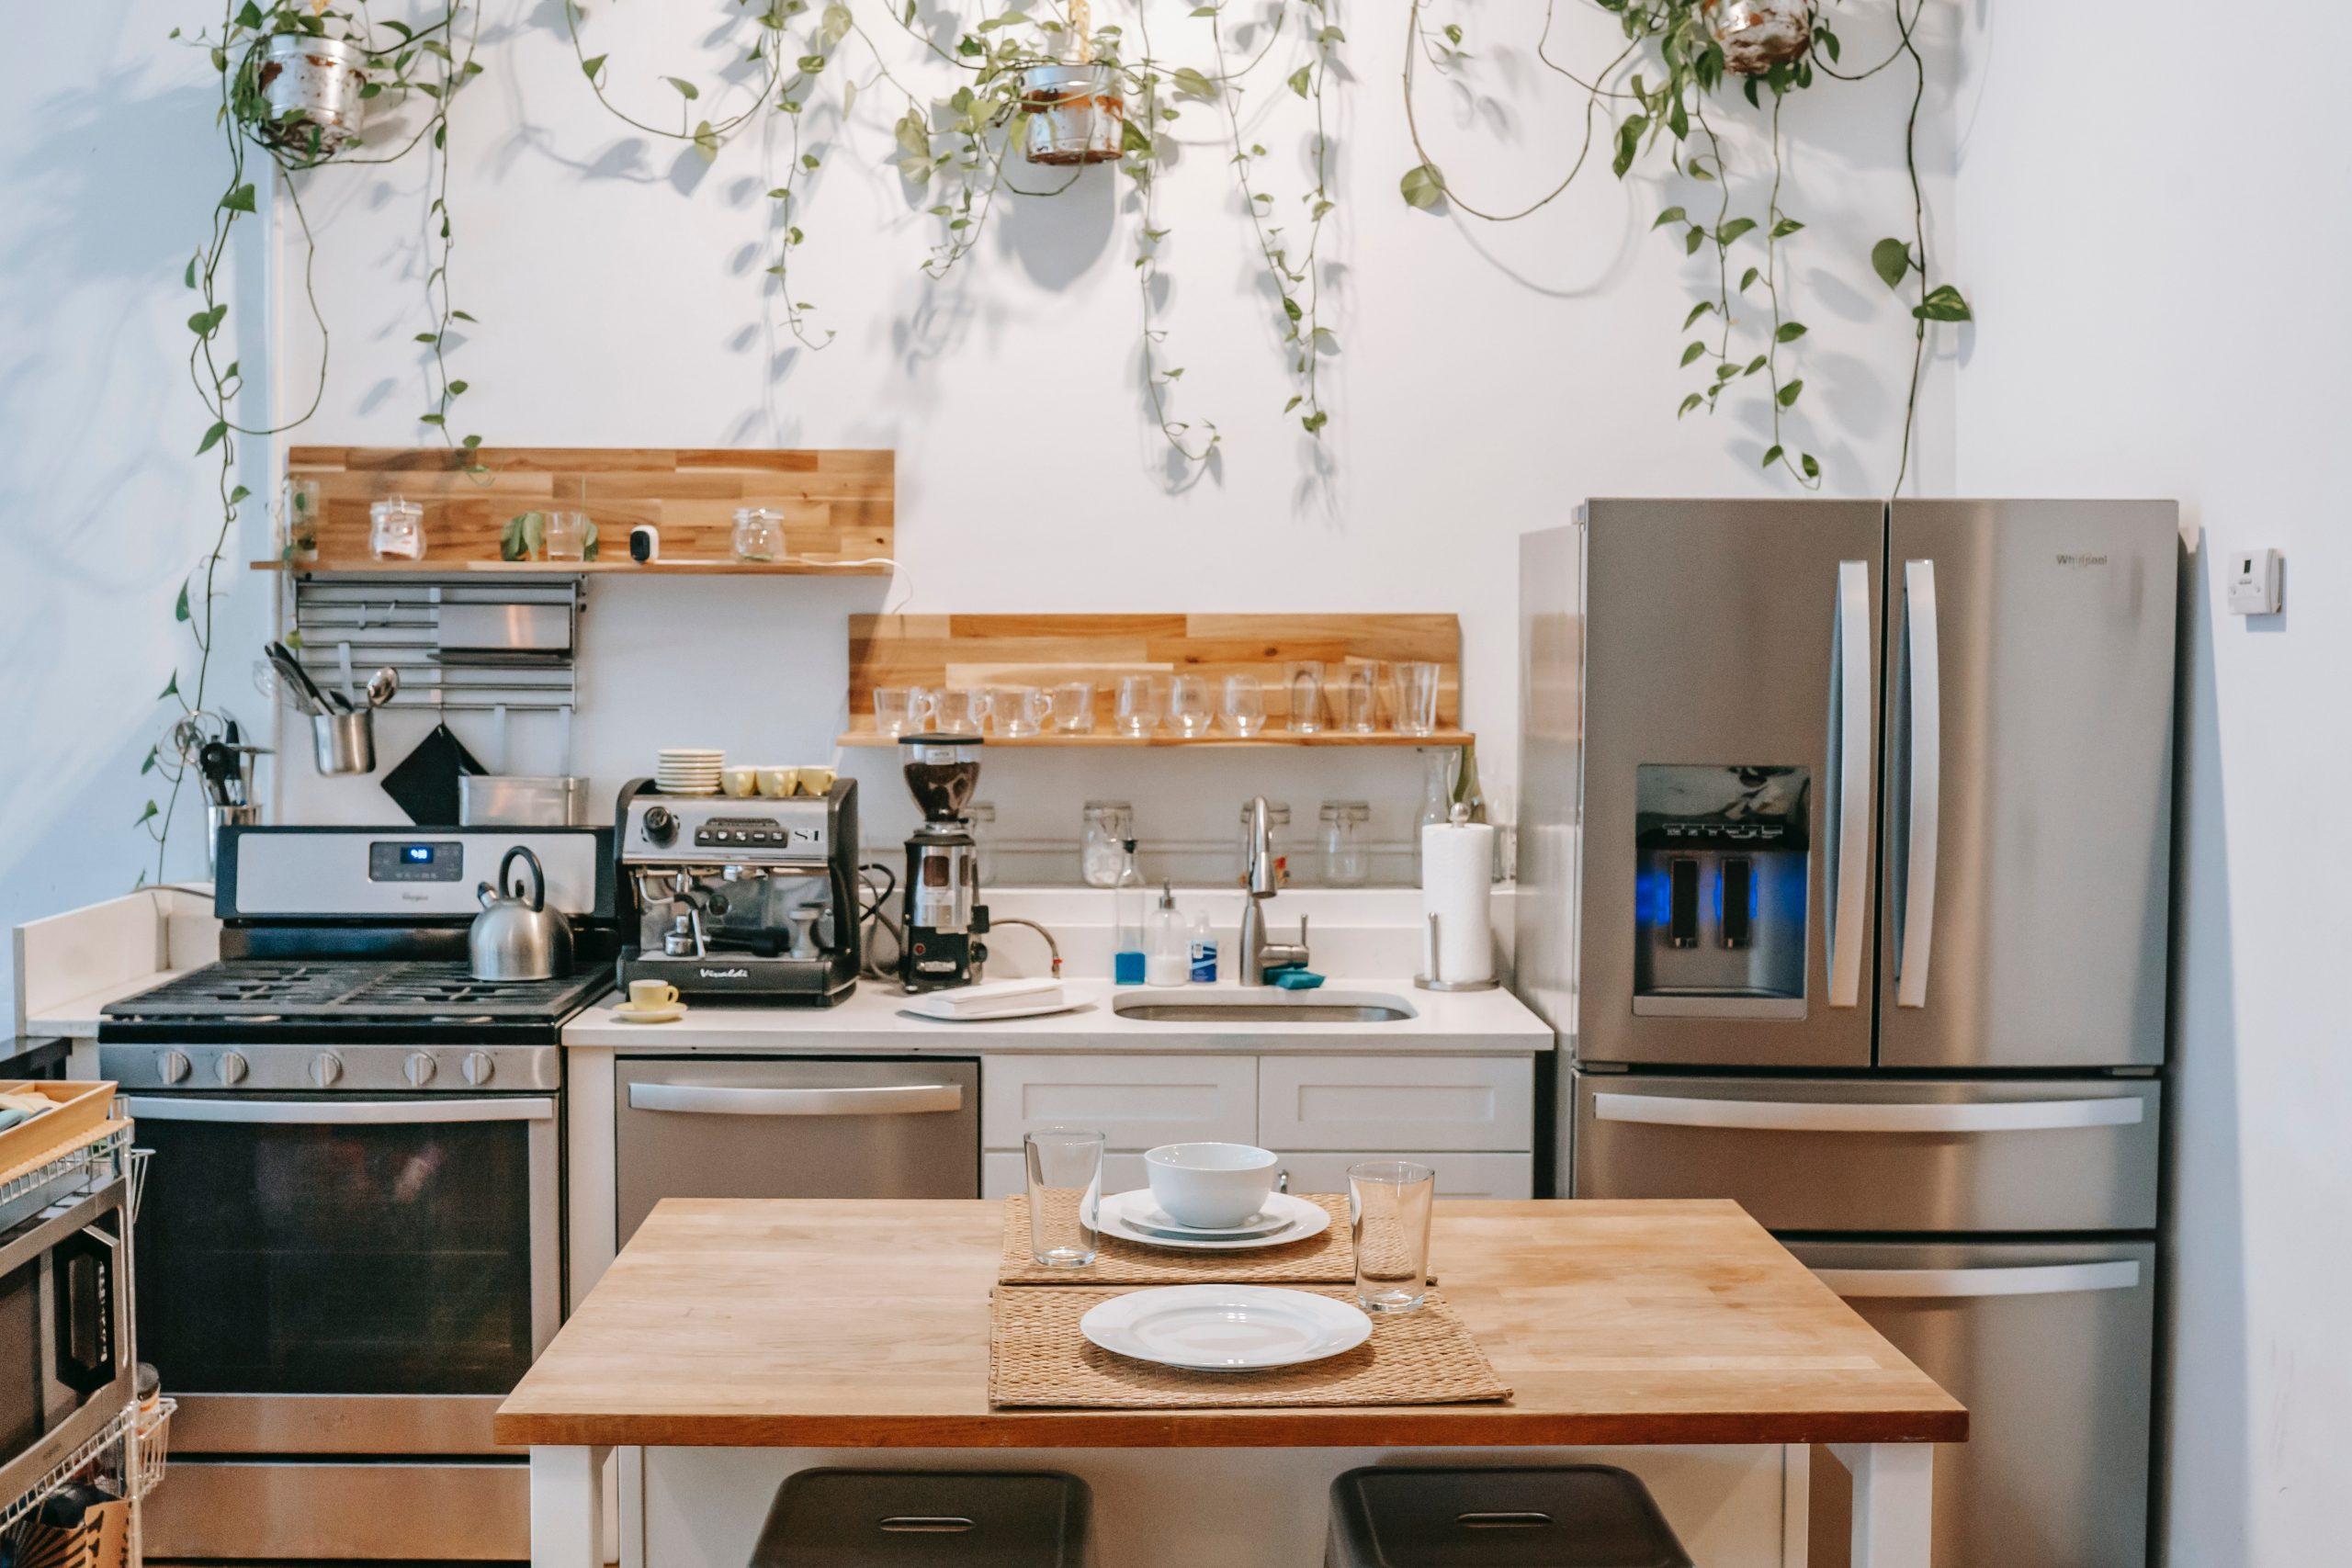 Cozinha equipada com geladeira frost free